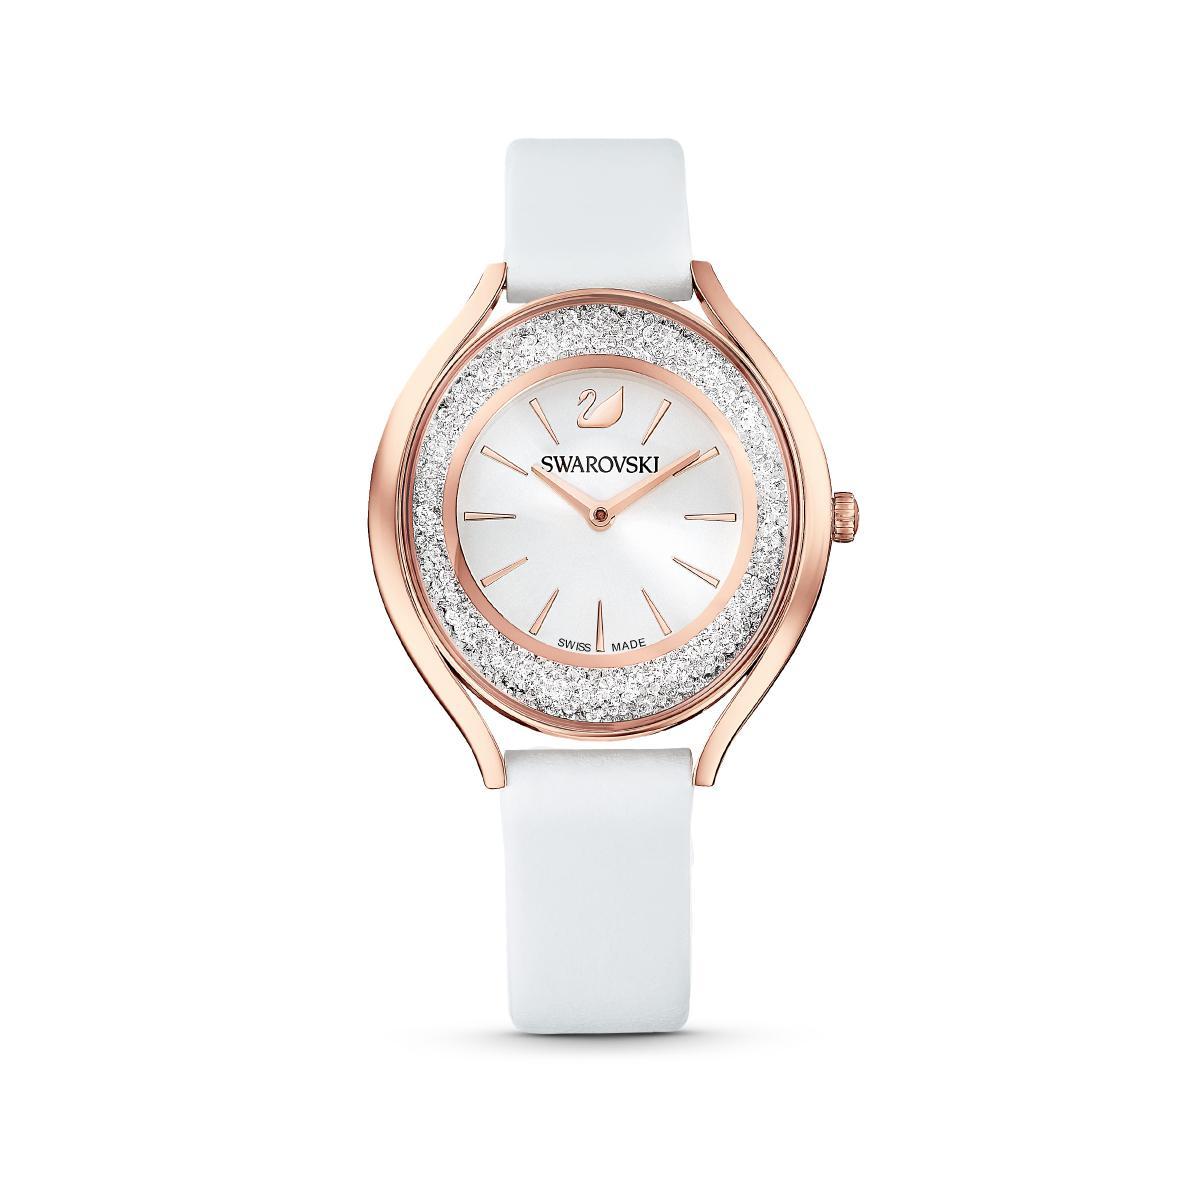 MONTRES 5519453 - CRYSTALLINE AURA - Swarovski montres - Modalova